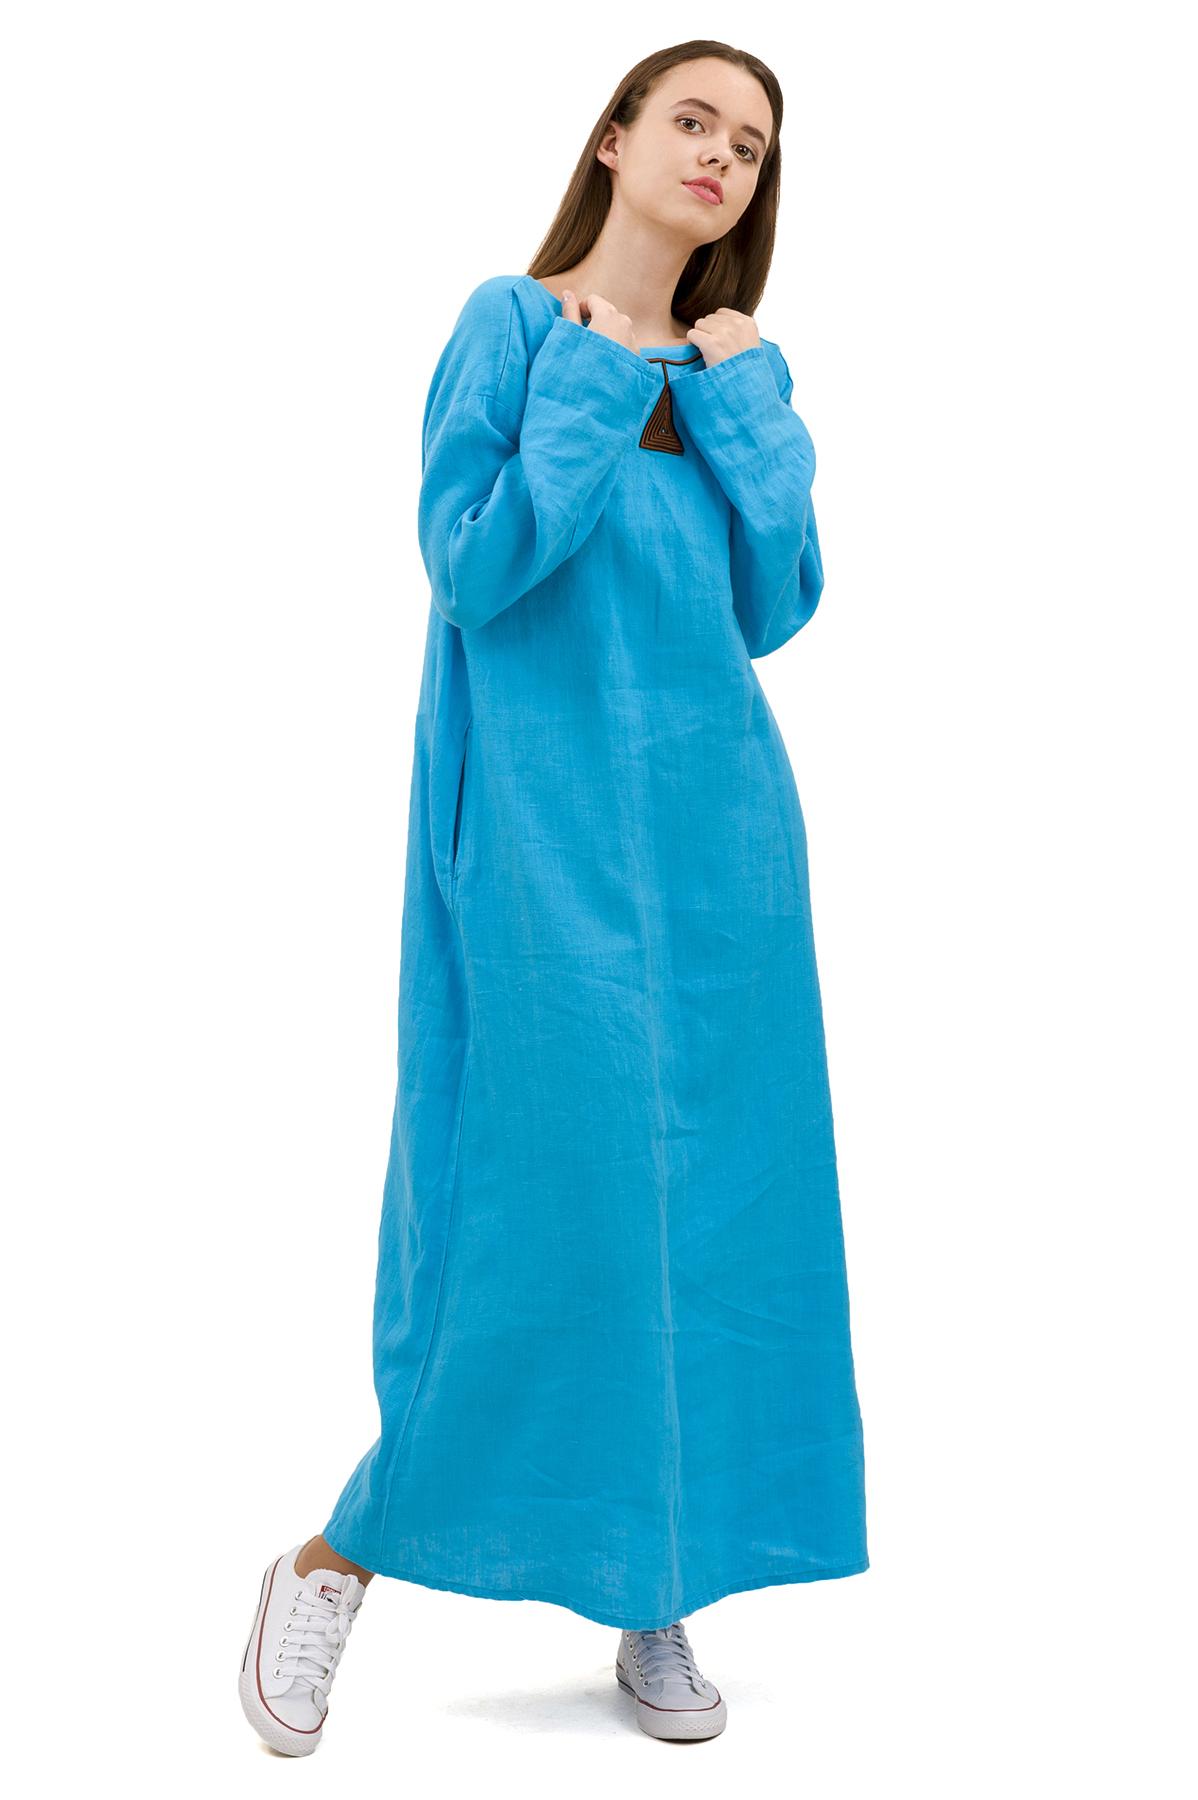 ПлатьеПлатья,  сарафаны<br>Стильное платье выполнено из натуральной ткани - льна. Данная модель удачно подчеркнет красоту Вашей фигуры, а яркая расцветка  не оставит Вас незамеченной.<br><br>Цвет: голубой<br>Состав: 100% лен<br>Размер: 42,44,46,48,50,52,54,56<br>Страна дизайна: Россия<br>Страна производства: Россия